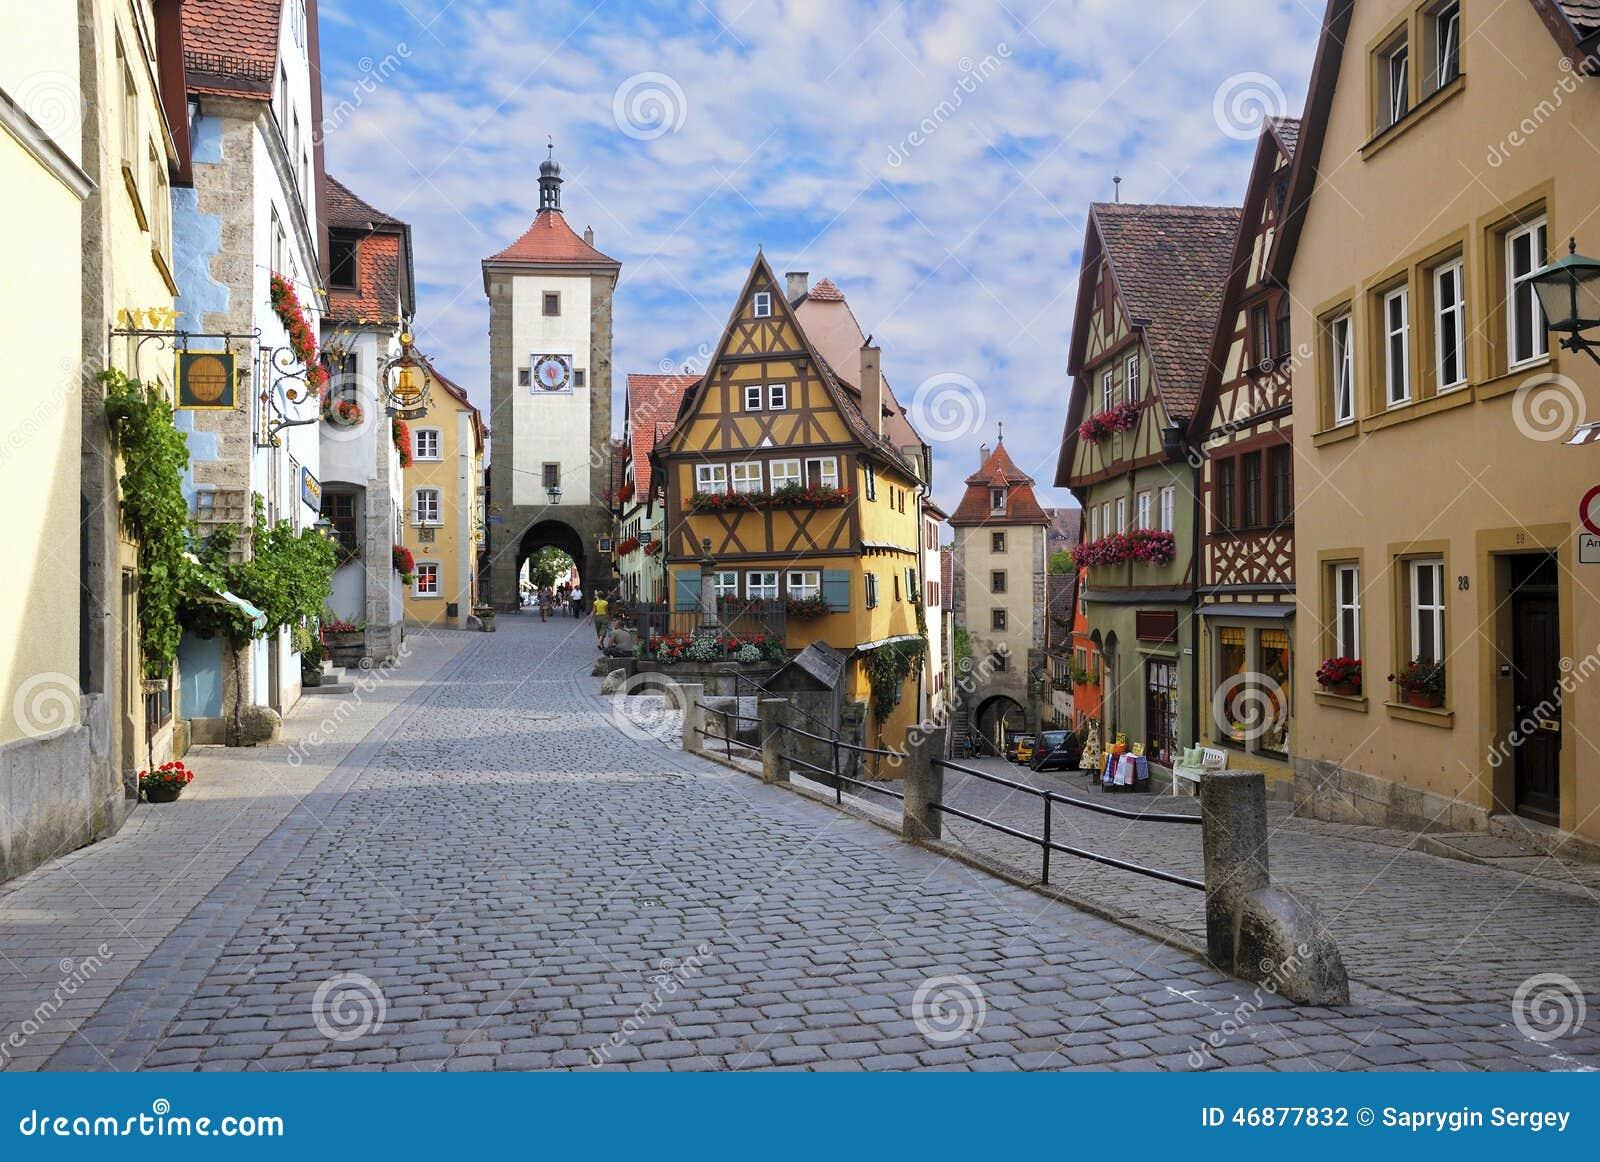 Der德国ob rothenburg tauber